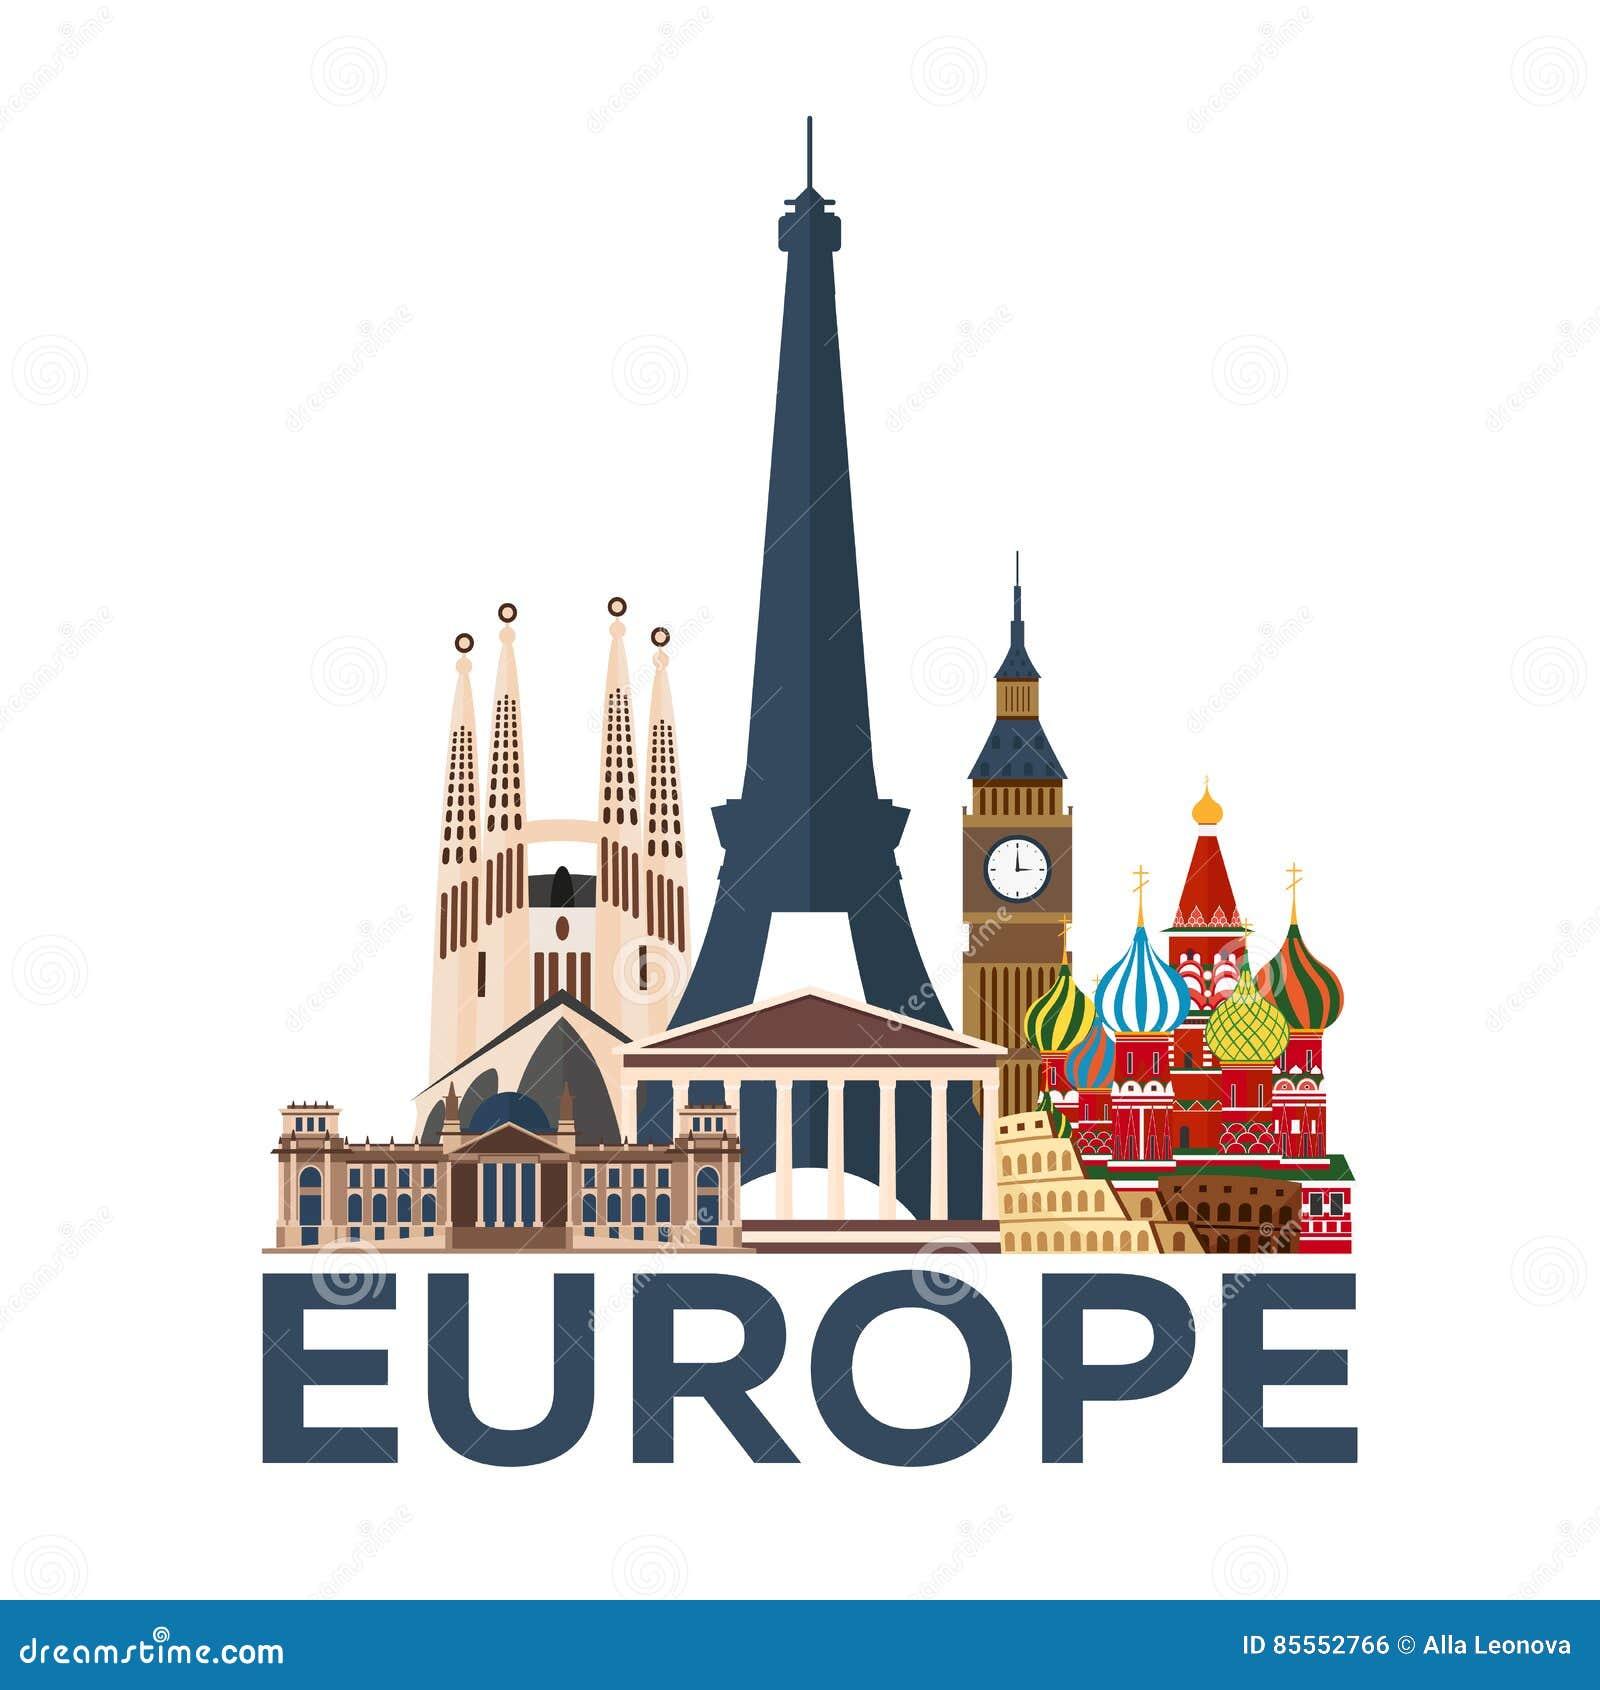 Reise-Plakat europa ferien Reise zum Land Reisende Illustration Moderne Ebene